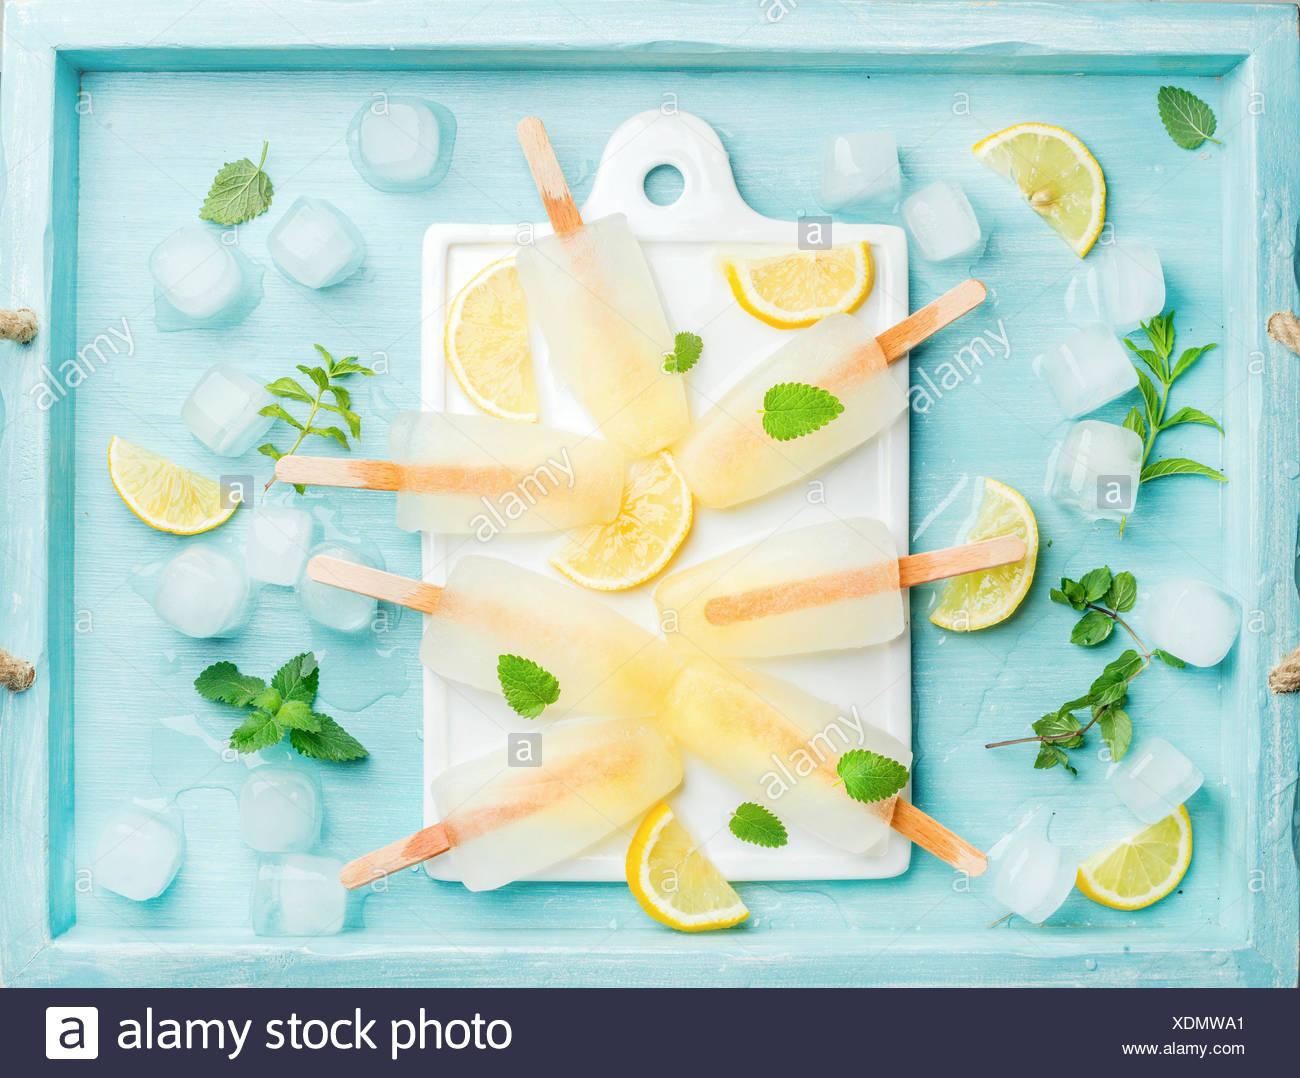 Zitrone Eis am Stiehl auf keramischen Tafel serviert mit Zitronenscheiben, Eiswürfel und Minzblätter in blau türkis Hintergrund, Top v Stockbild